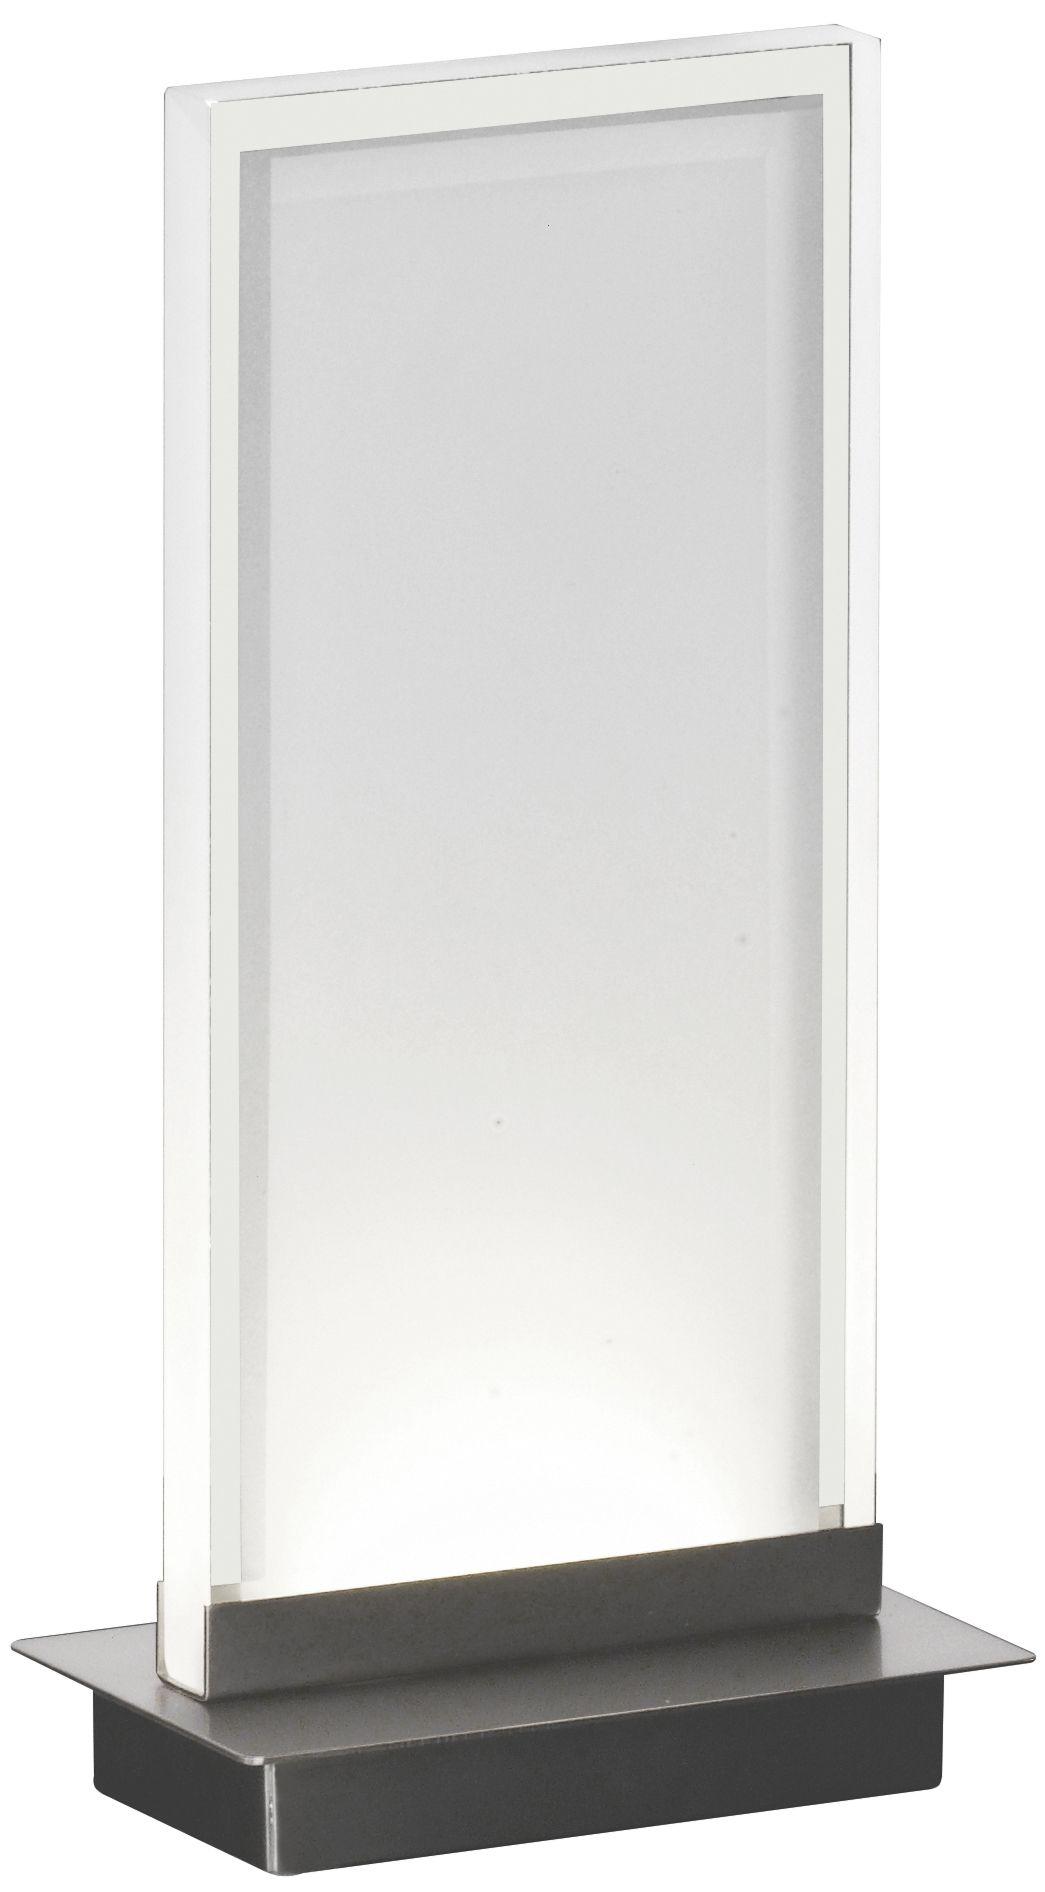 HONSEL LEUCHTEN Honsel Leuchten LED-Tischleuchte, 1flg., »FORMA«